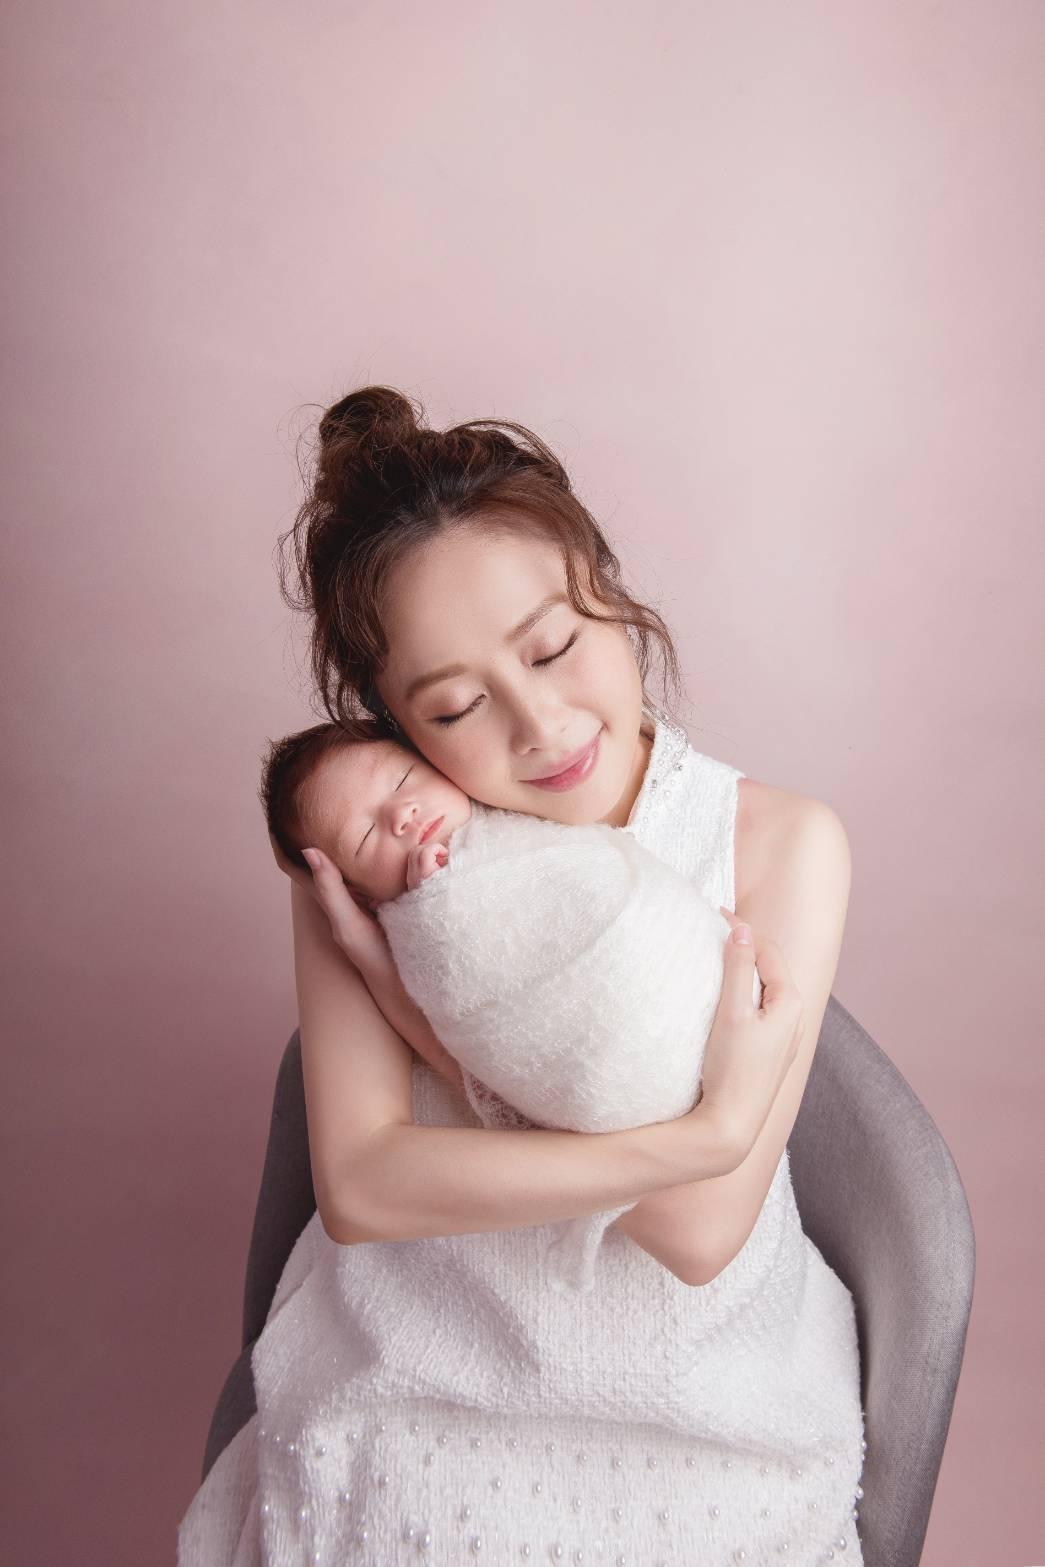 吳淑敏生下兒子小培根 圖/親愛的莉絲新生兒攝影提供